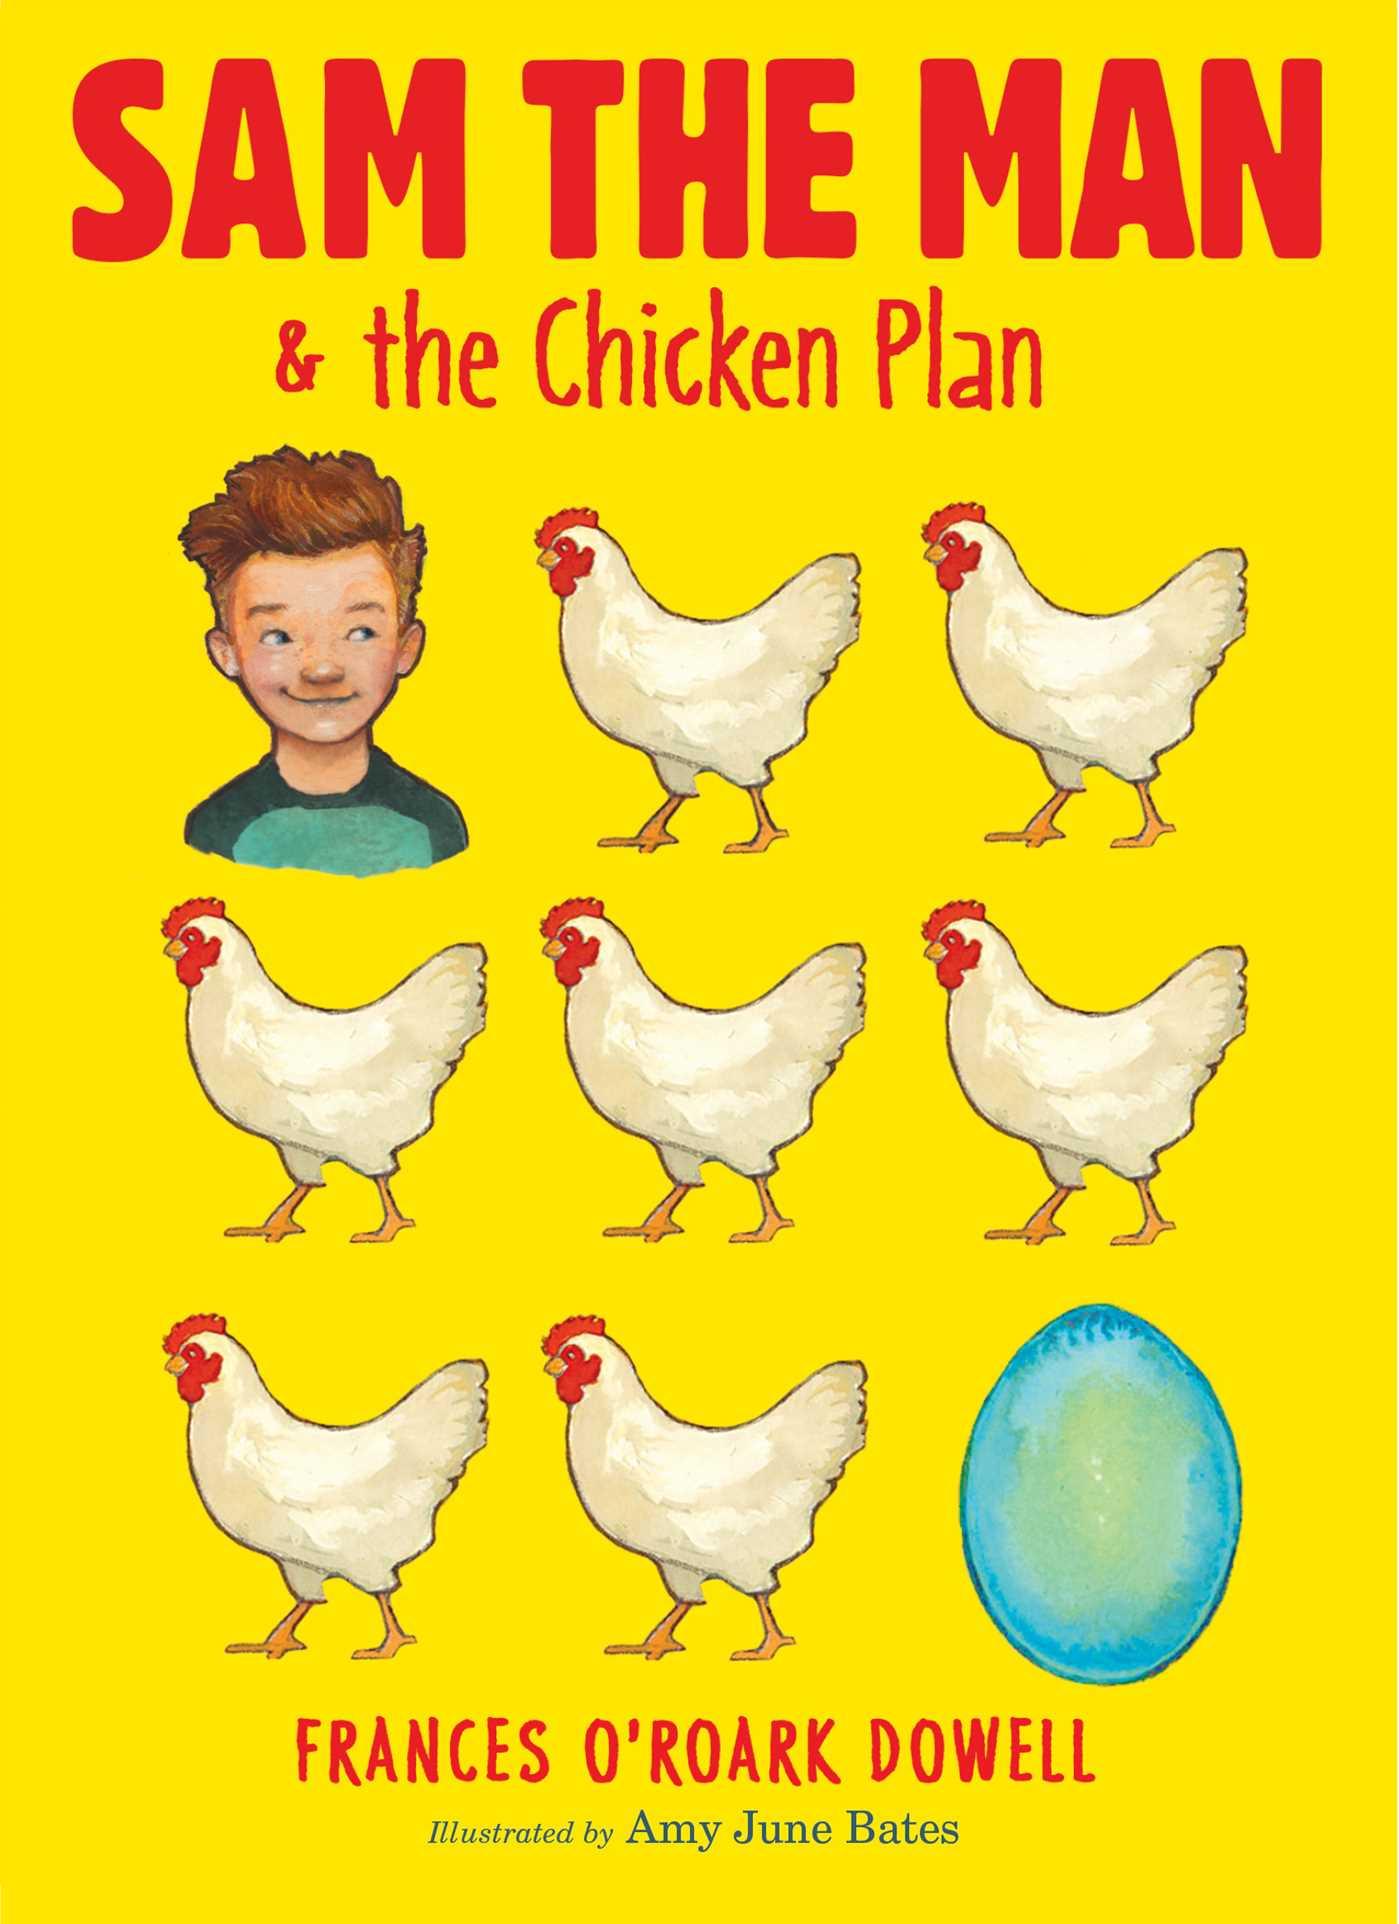 Sam the Man & the Chicken Plan